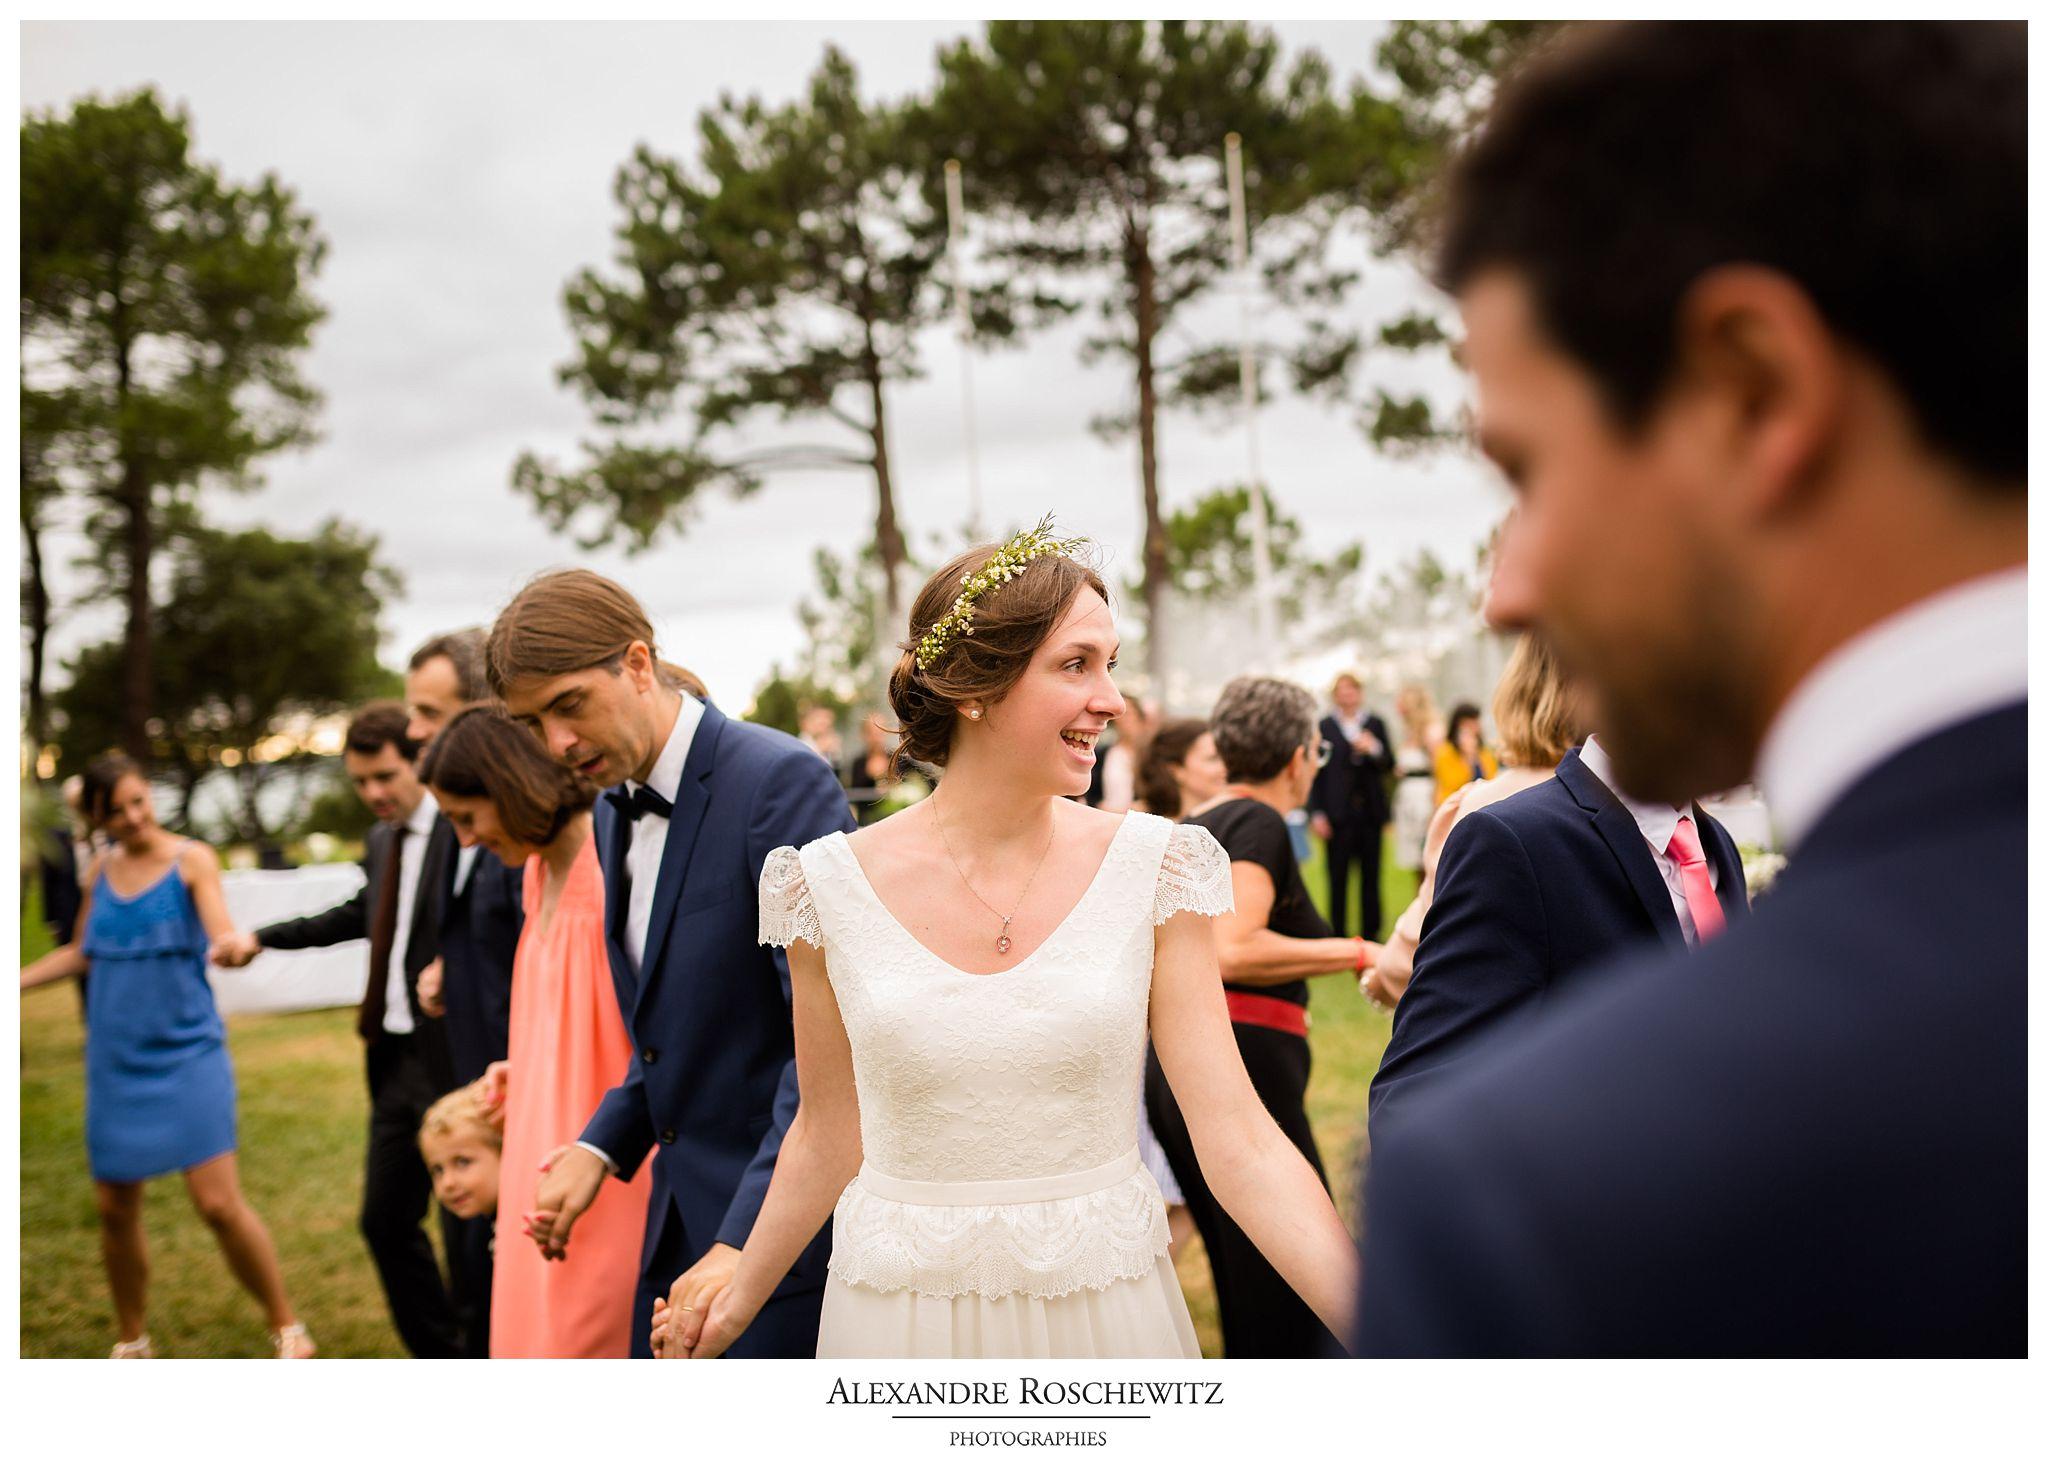 Aperçu des photos du mariage des musiciens de Marine et Jean-Philippe à Gujan-Mestras, La Teste-de-Buch, et au Tir au Vol d'Arcachon. Alexandre Roschewitz Photographies